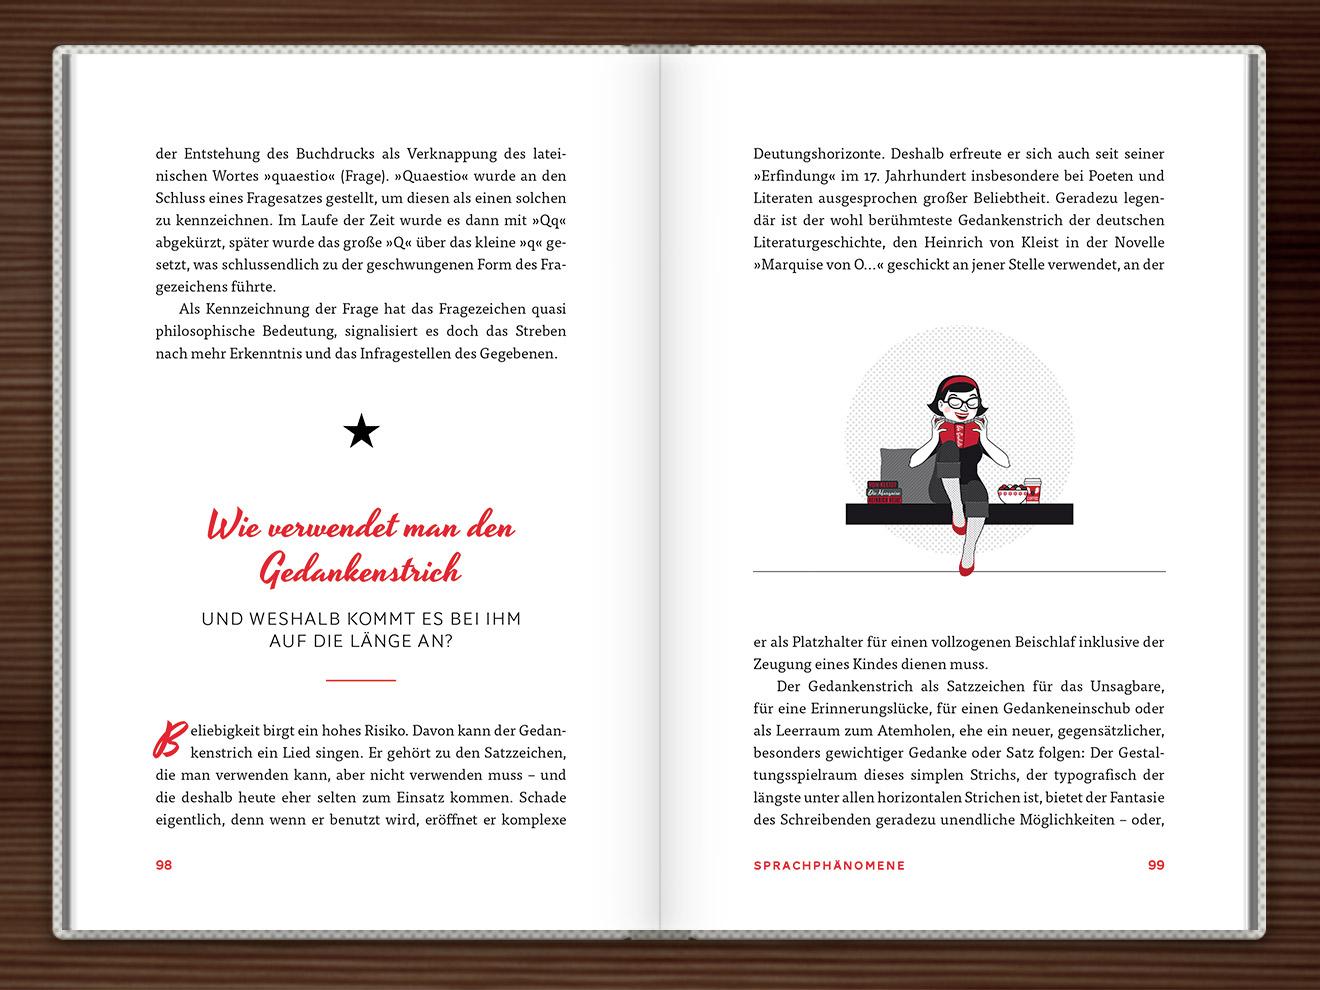 Gedankenstrich im Buch Du hast das Wort, Schätzchen! 100 charmante Geschichten rund um die Sprache im Duden Verlag von Rita Mielke mit Illustrationen im Sixties-Stil von Iris Luckhaus